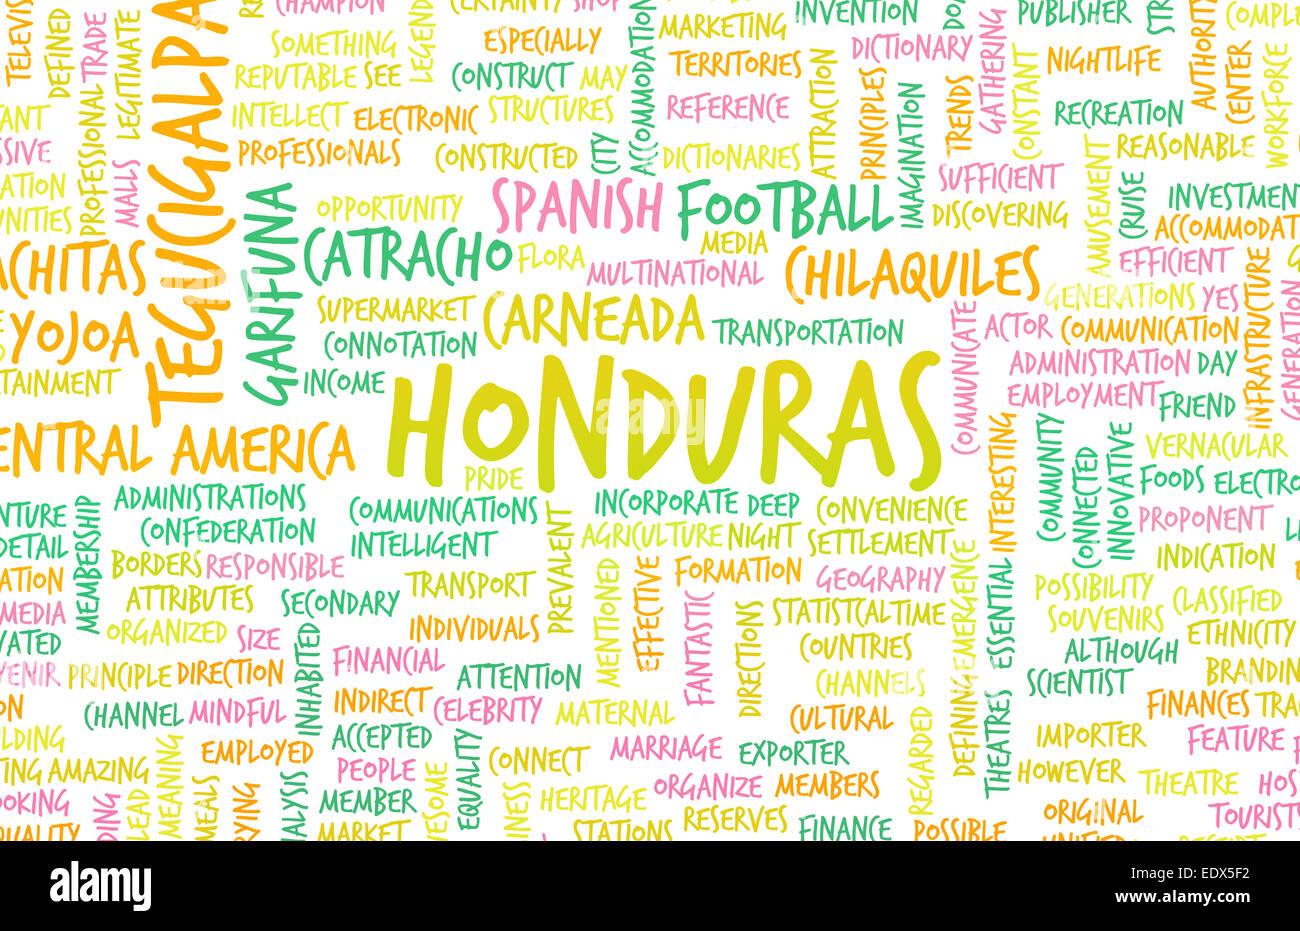 Honduras as a Country Abstract Art Concept Stock Photo